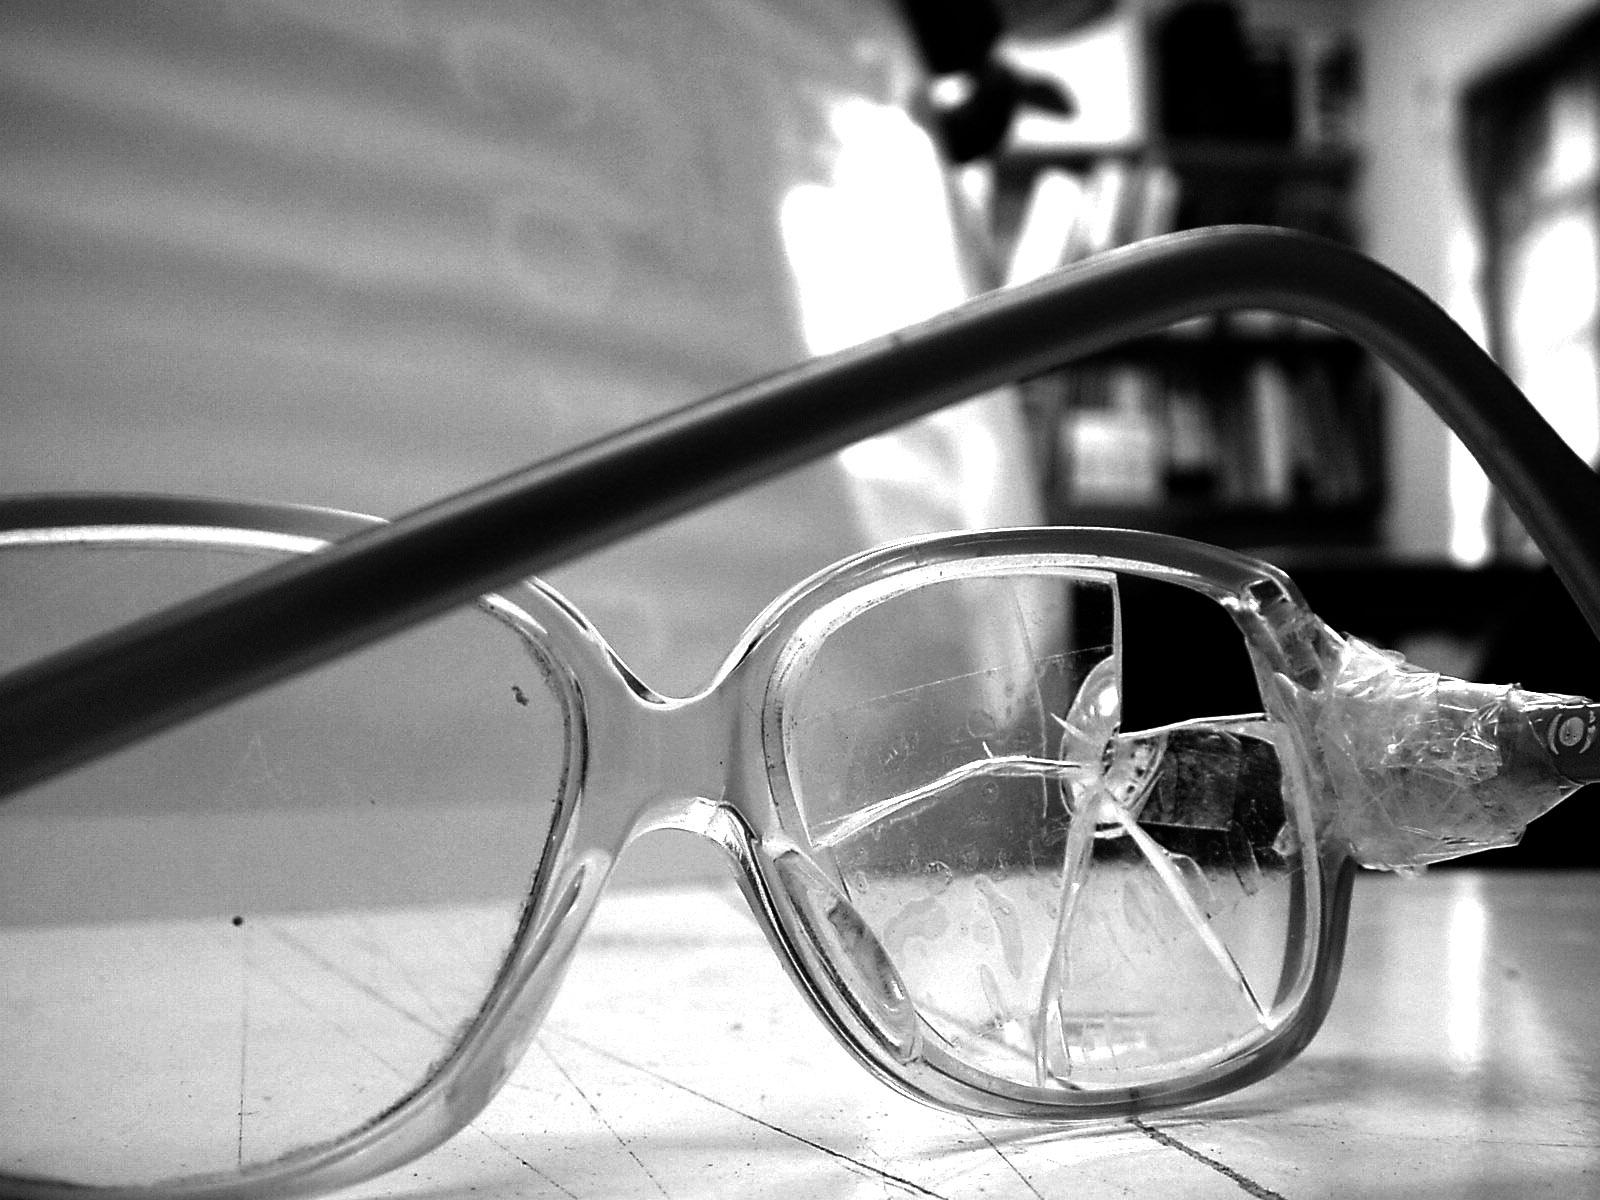 Broken Images — плагин для скрытия битых изображений | n-wp.ru